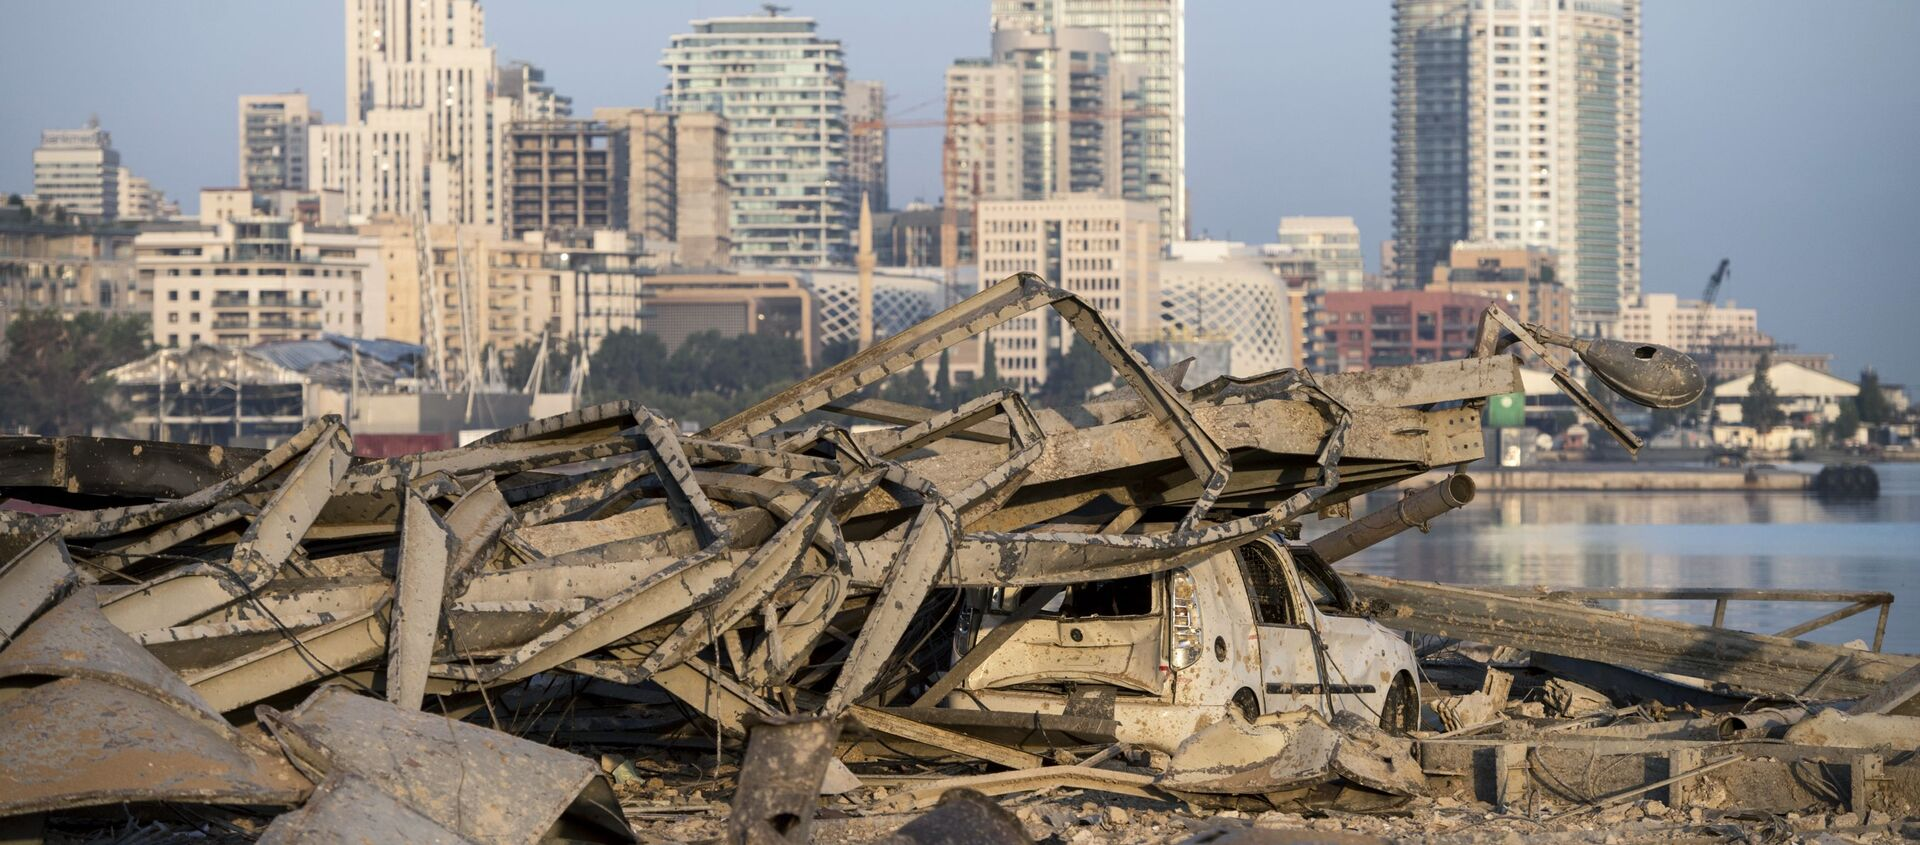 Conséquences de l'explosion dans le port de Beyrouth - Sputnik France, 1920, 03.08.2021